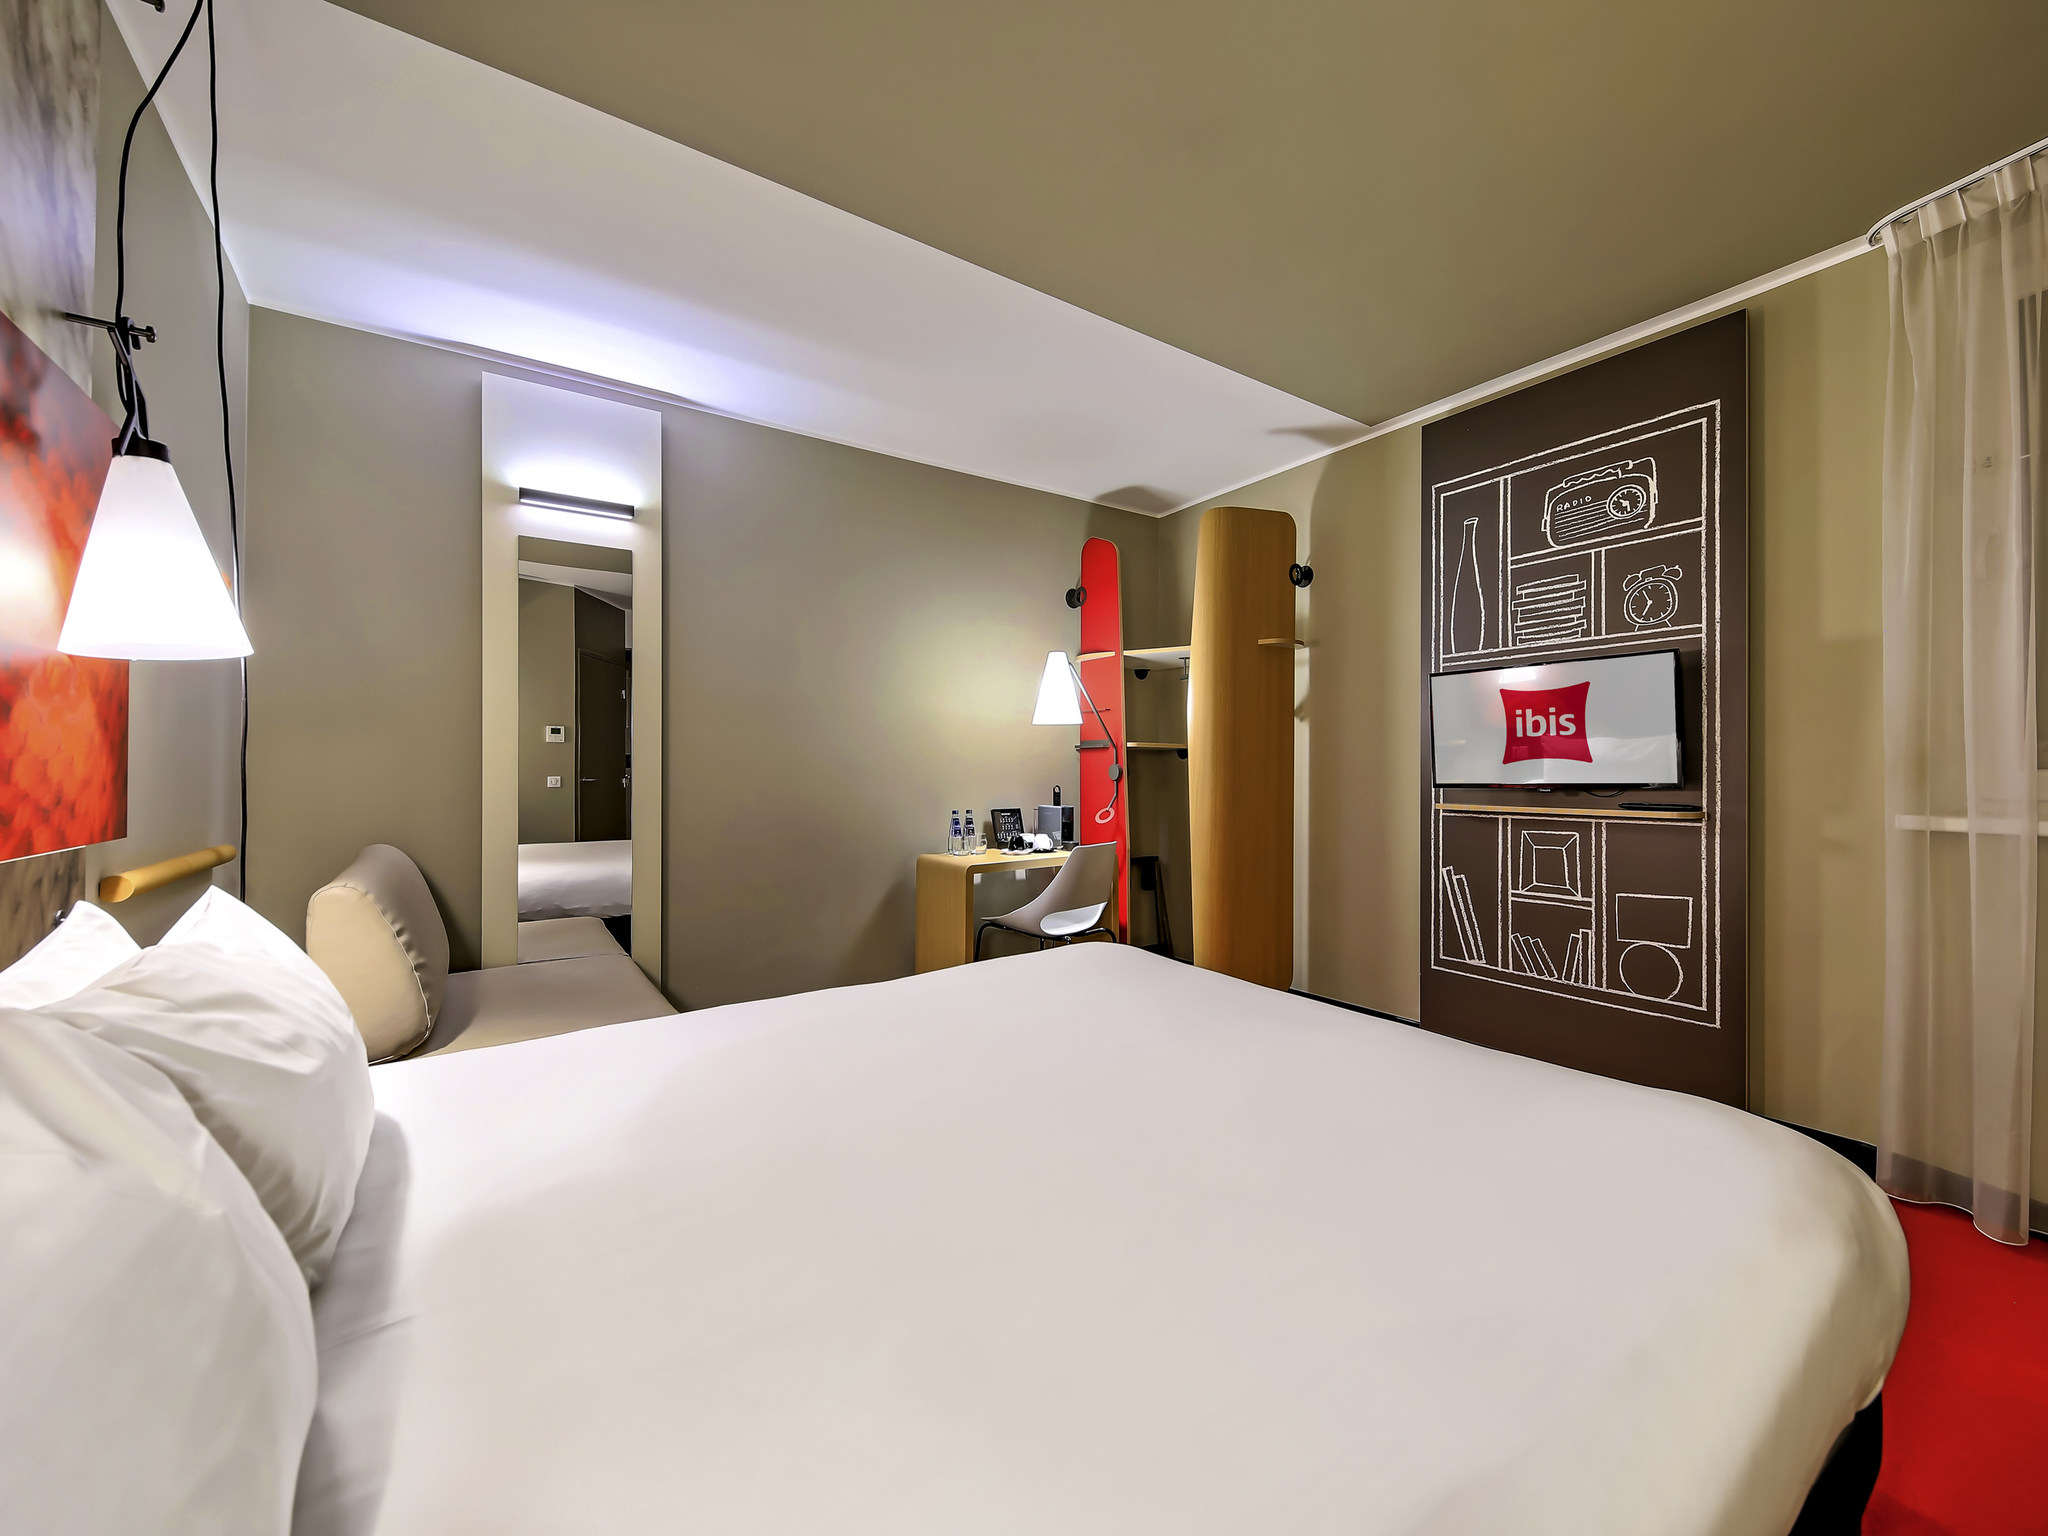 Hotel – ibis Gdansk Stare Miasto